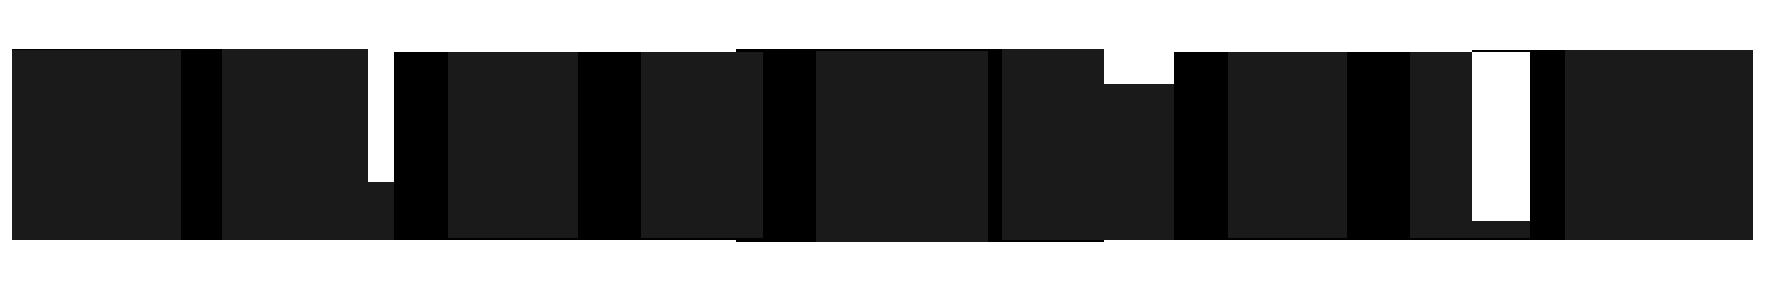 Carevallo Homepage